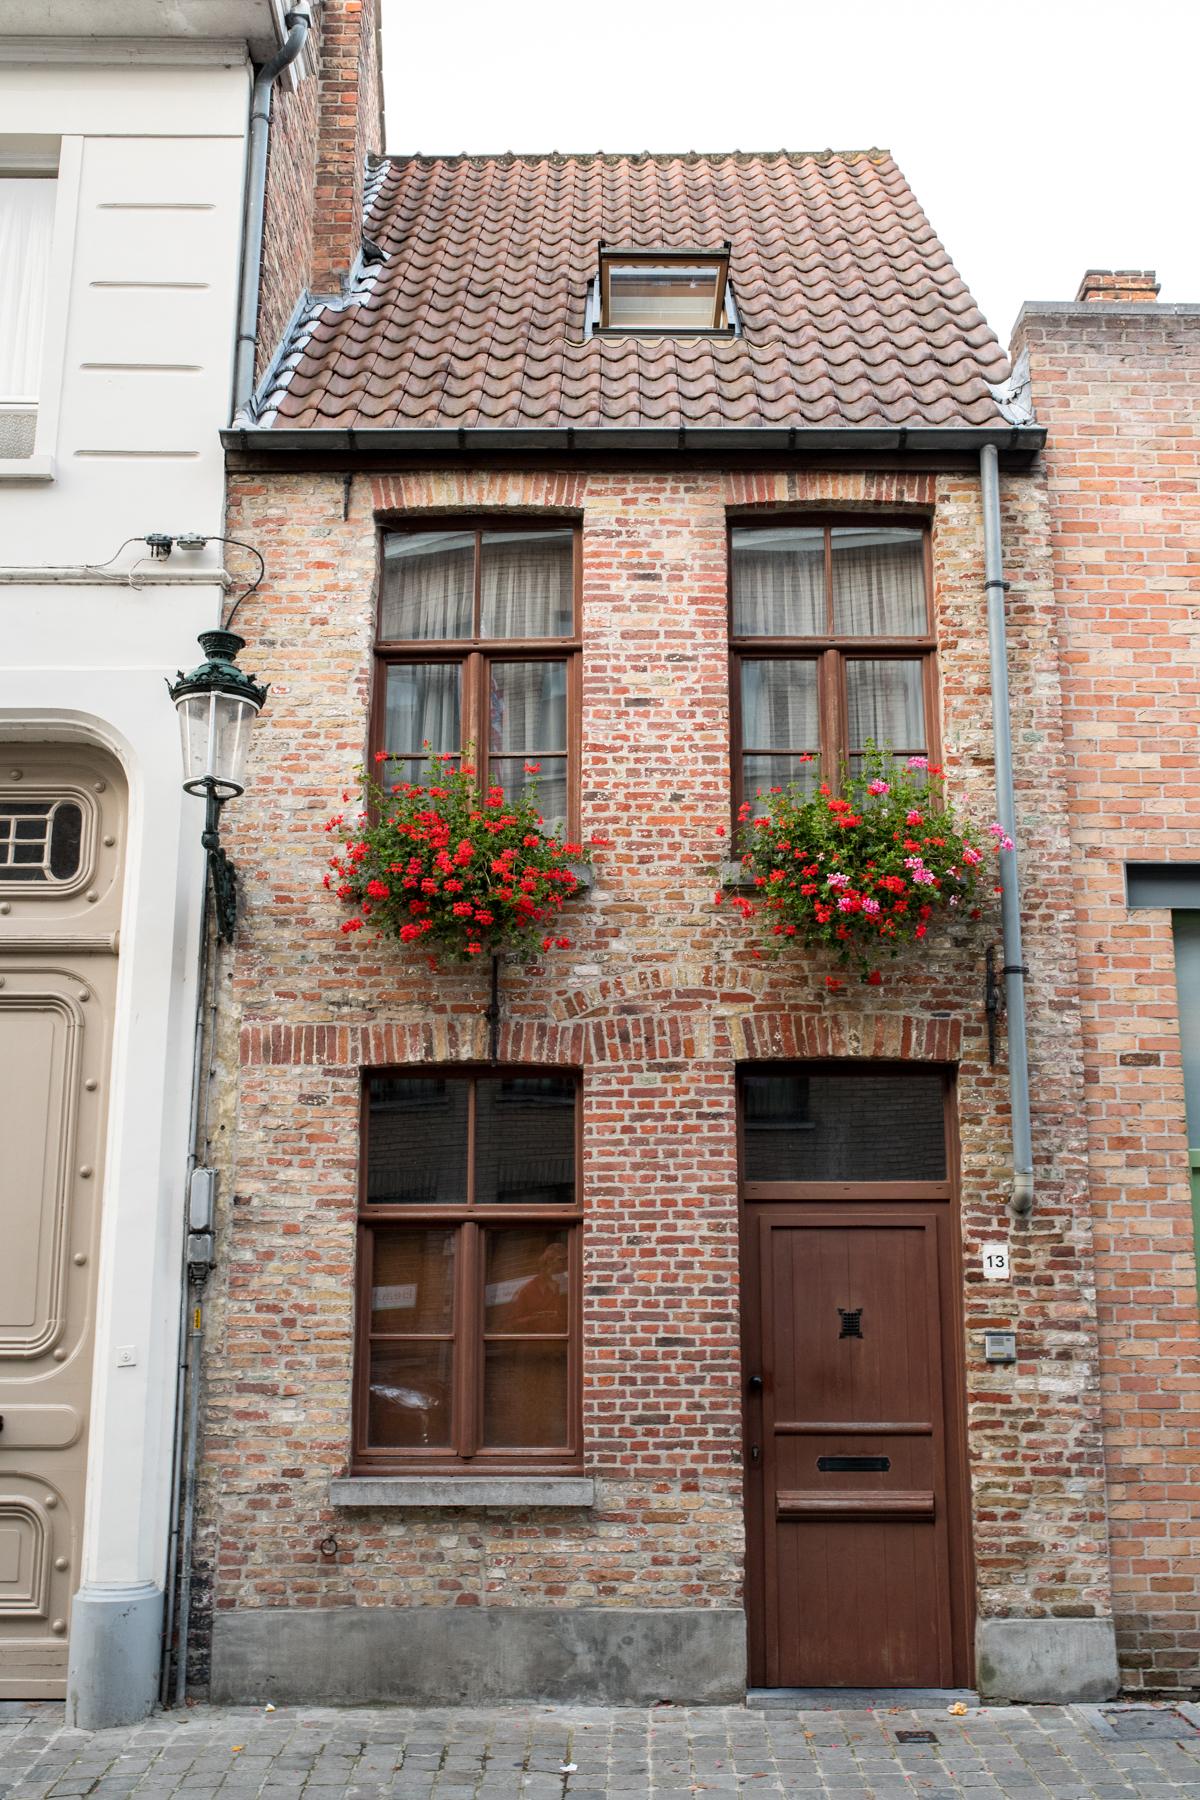 Stacie Flinner Brugge City Guide-35.jpg